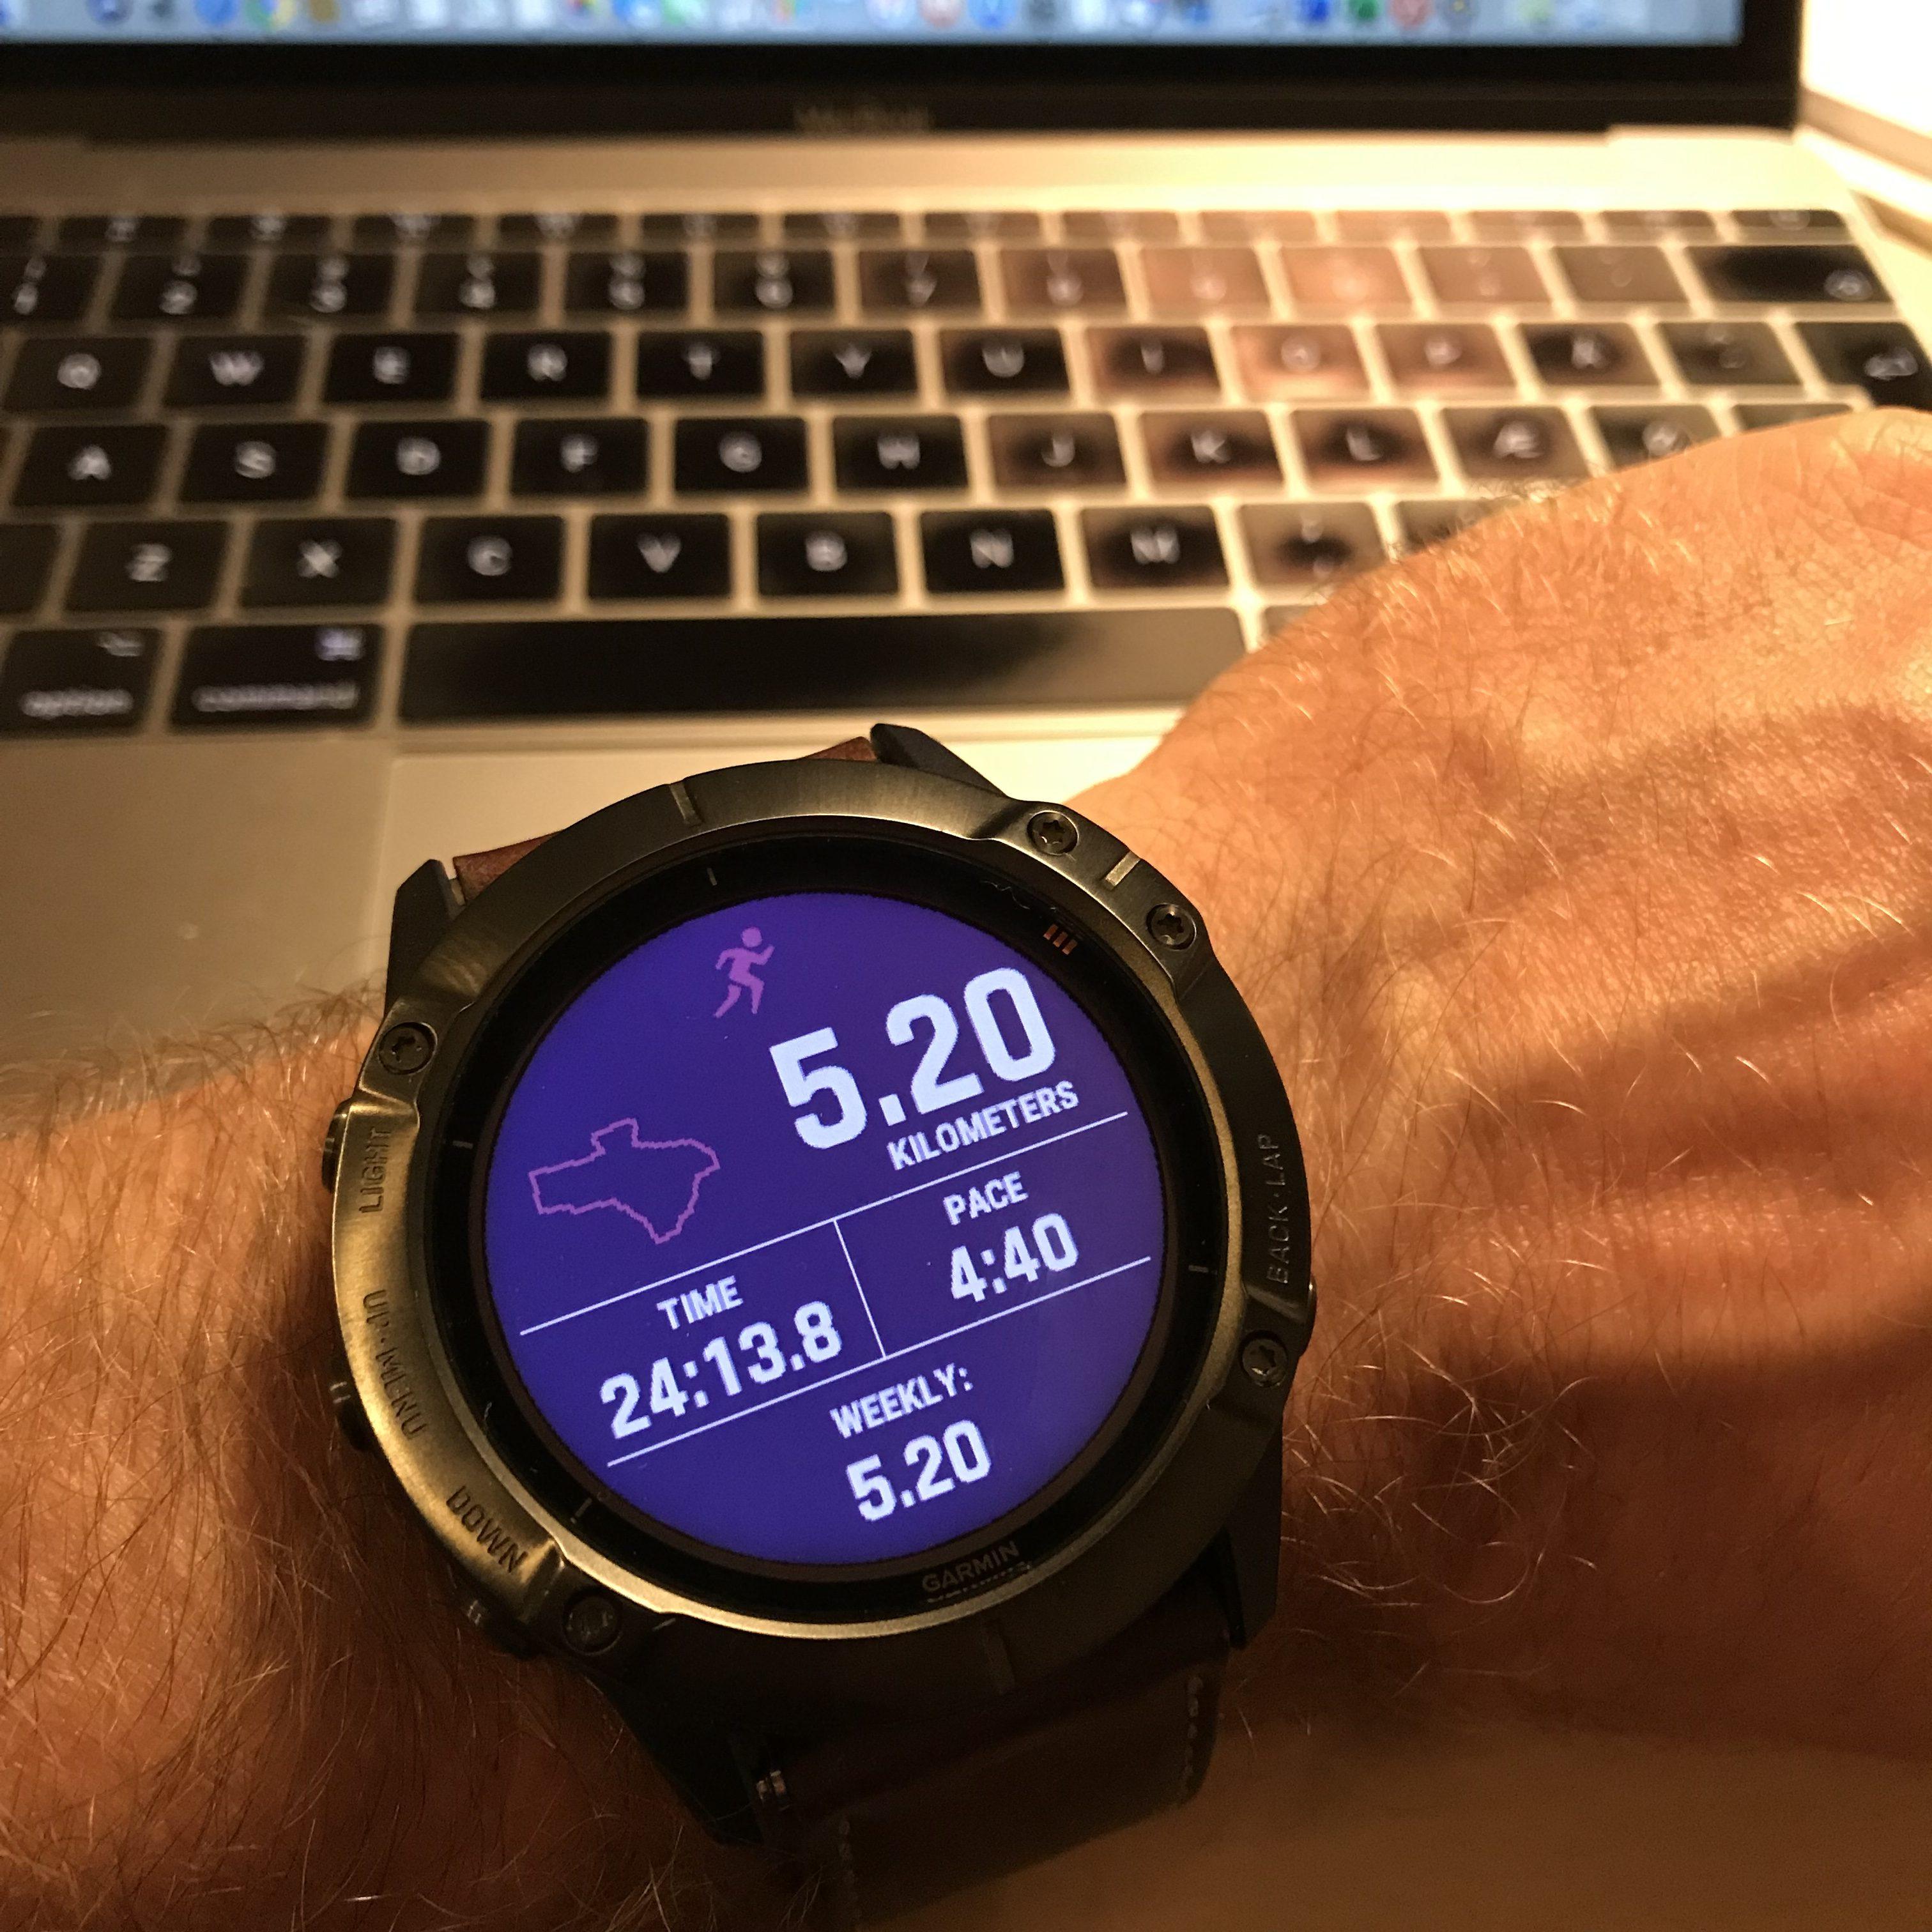 Detalje fra det opdaterede bruger interface på Garmin Fënix 6X Pro Solar. Hurtigt overblik over morgenens løbetur.